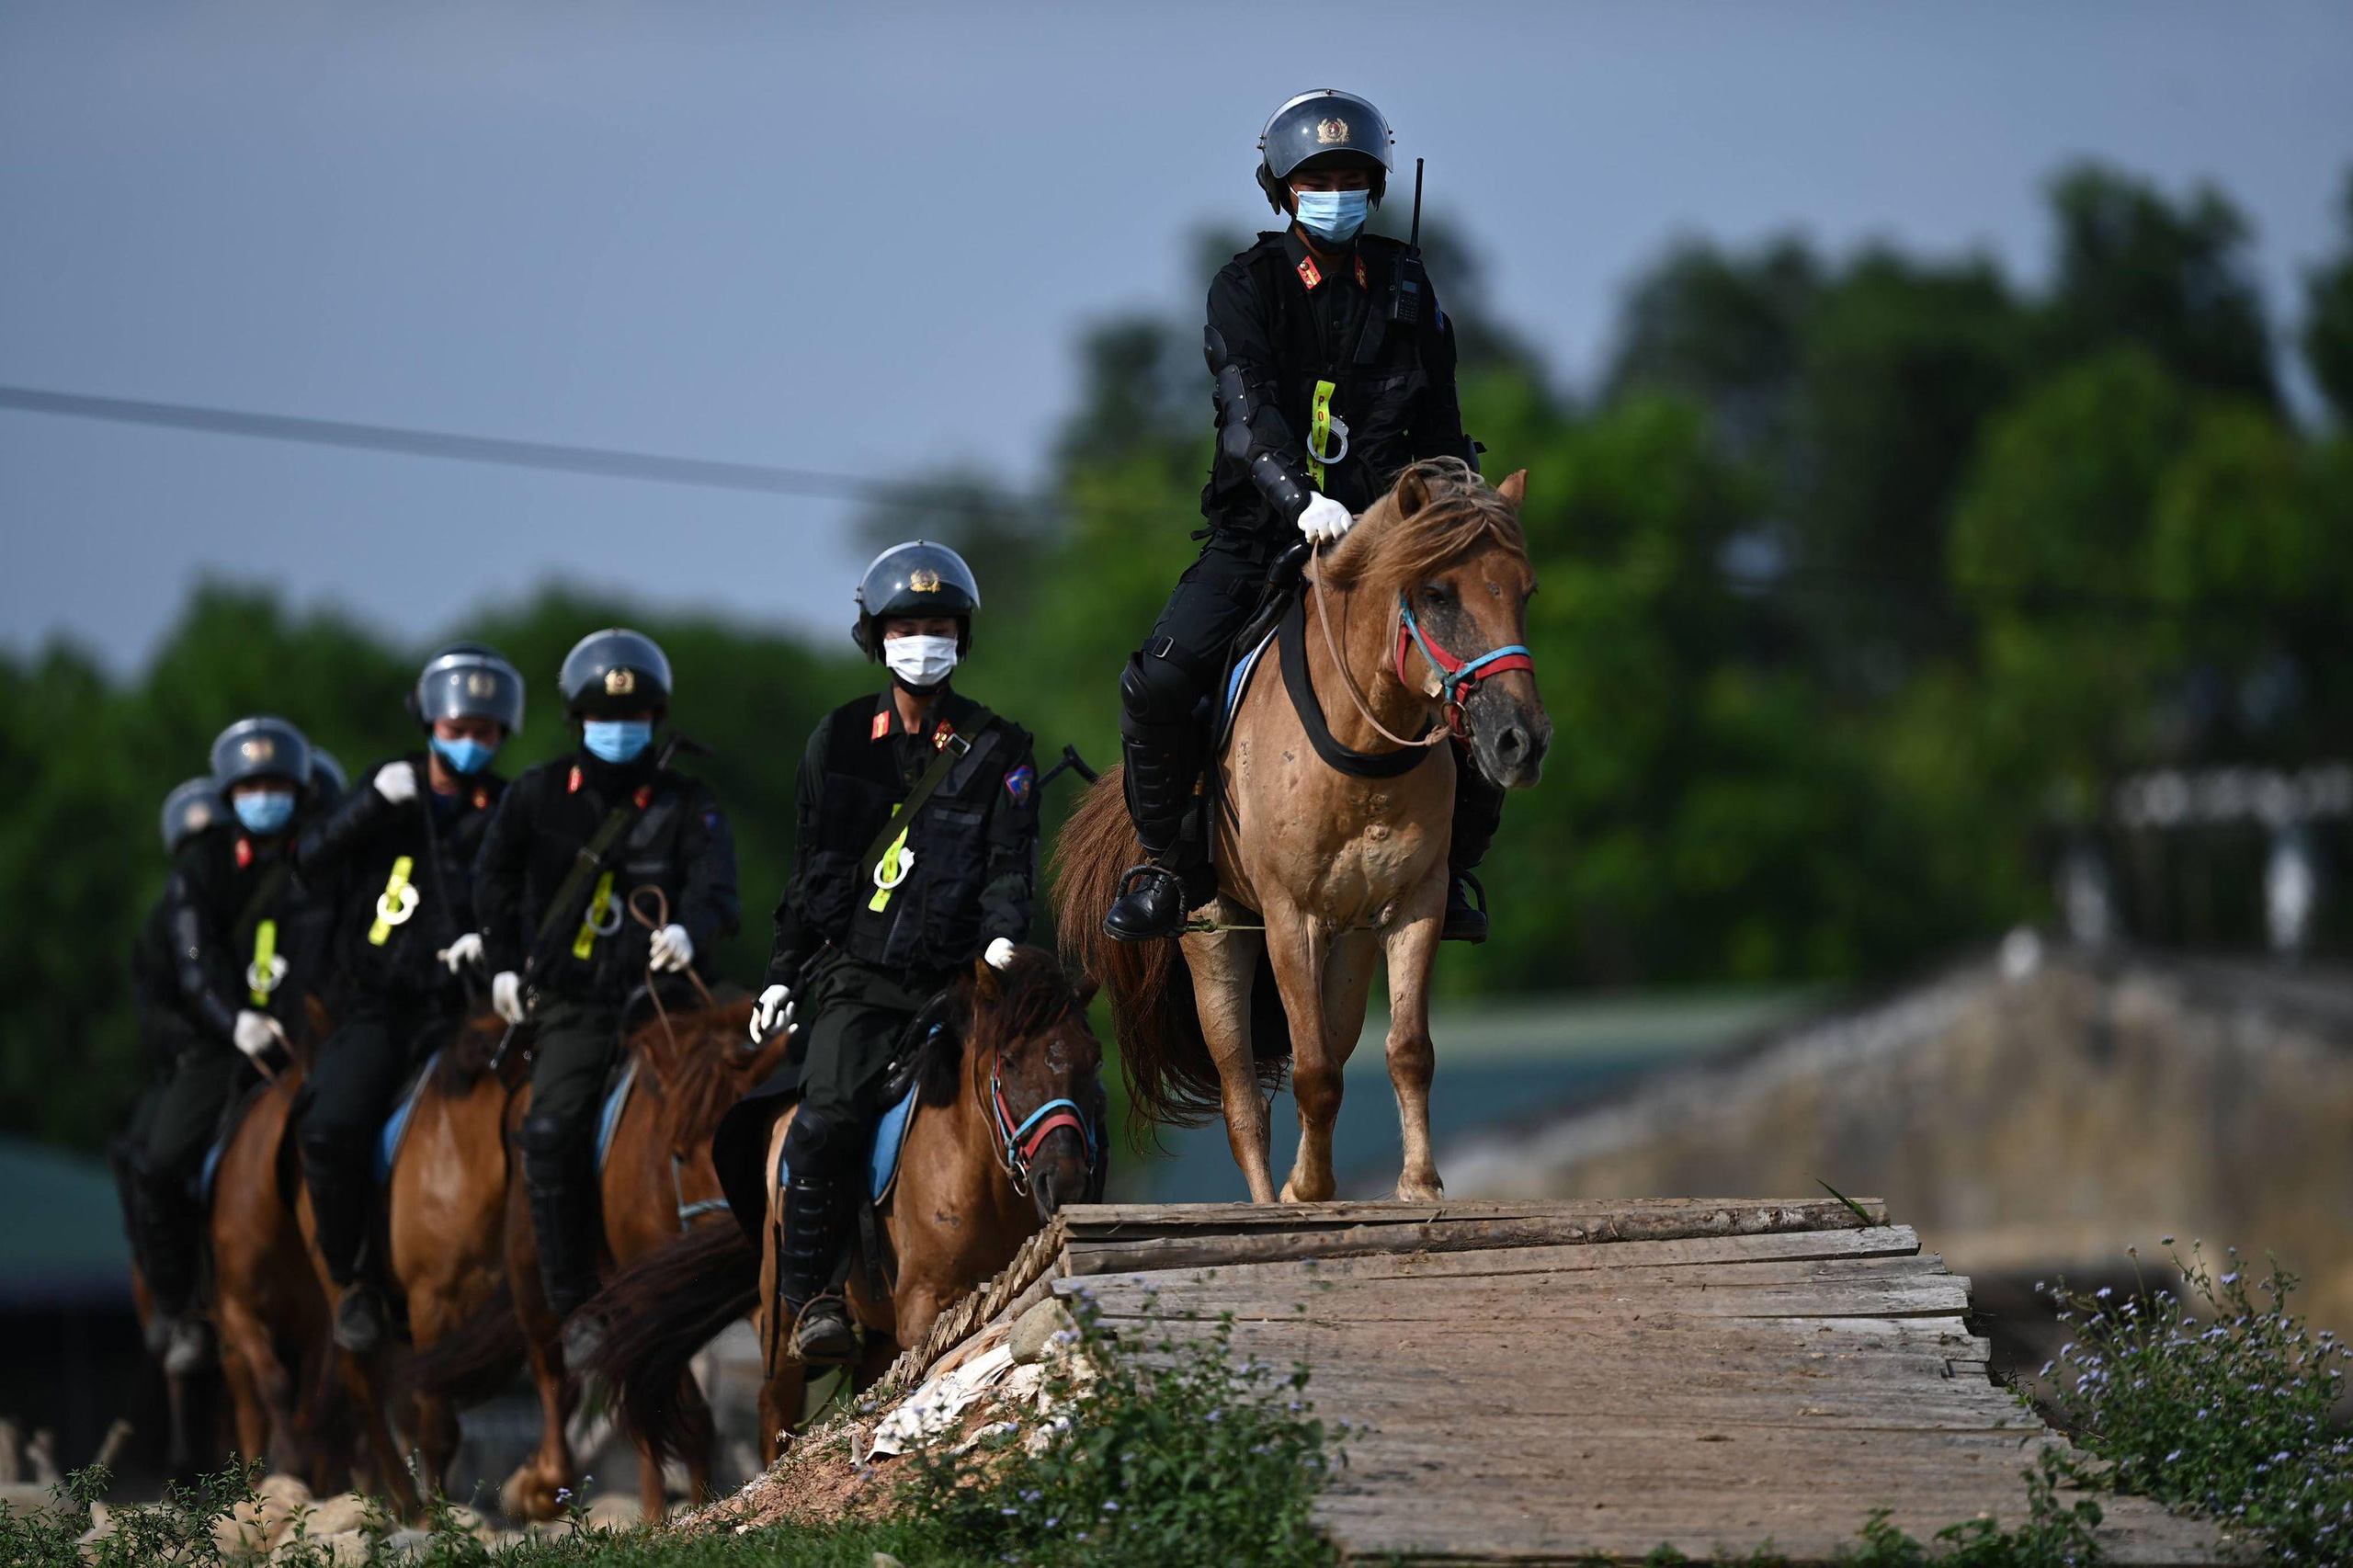 Cảnh sát Cơ động kỵ binh ngày một thuần thục kỹ năng nghiệp vụ - Ảnh 6.